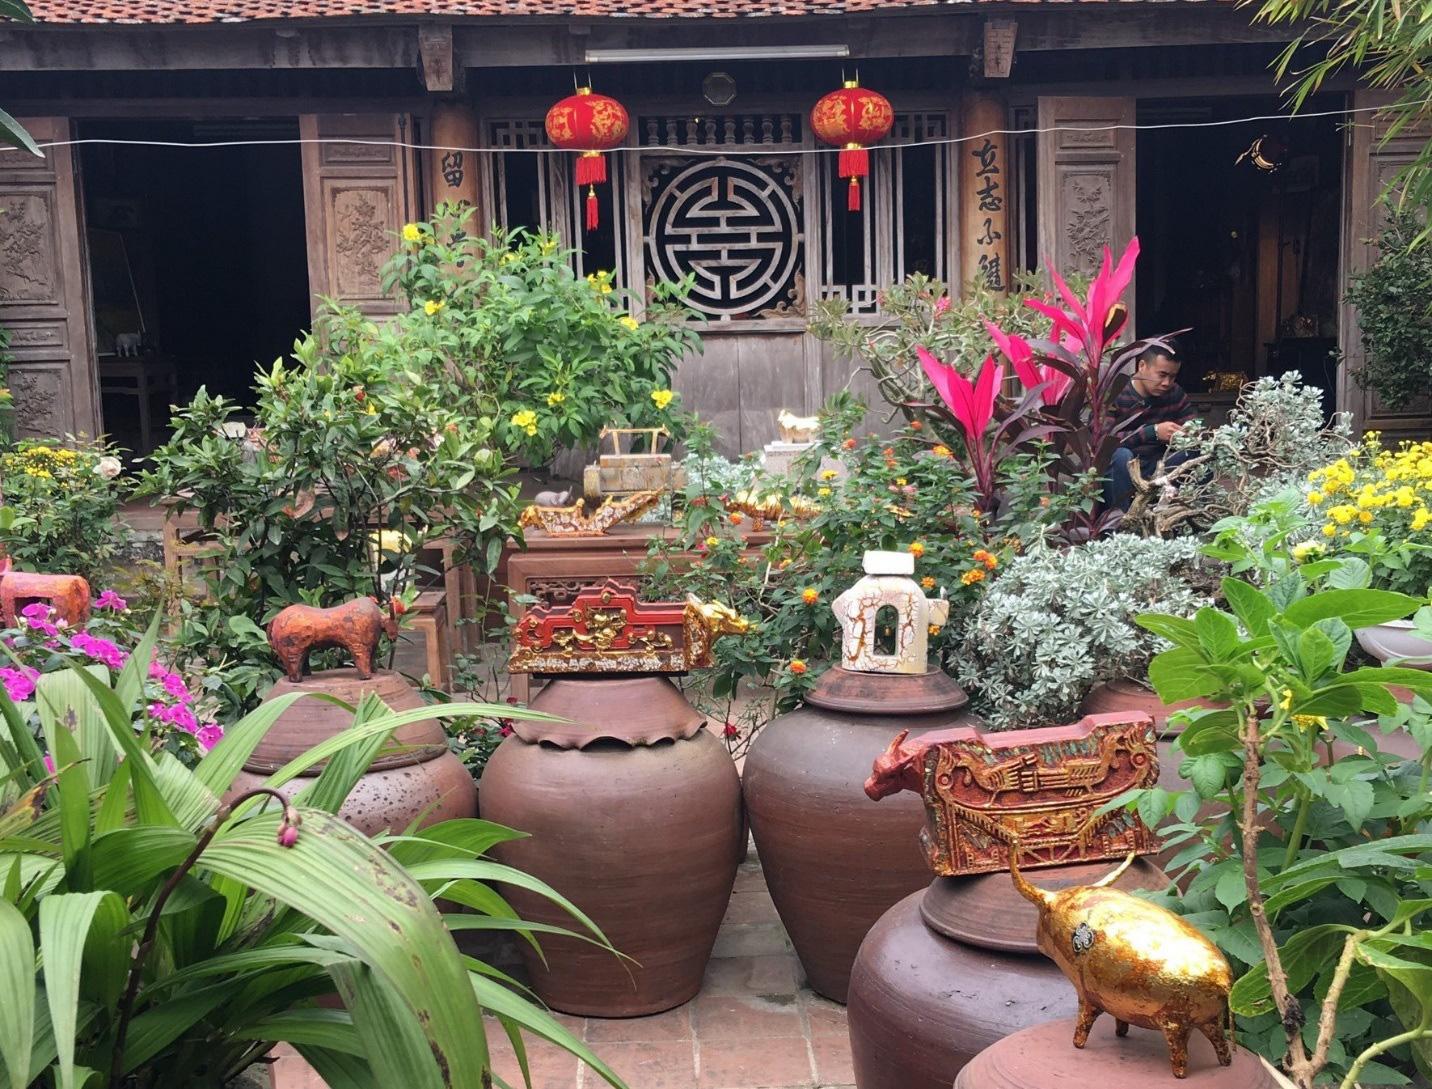 Đàn trâu gỗ dát vàng 1010 con ở ngôi làng cổ gần Hà Nội - Ảnh 2.